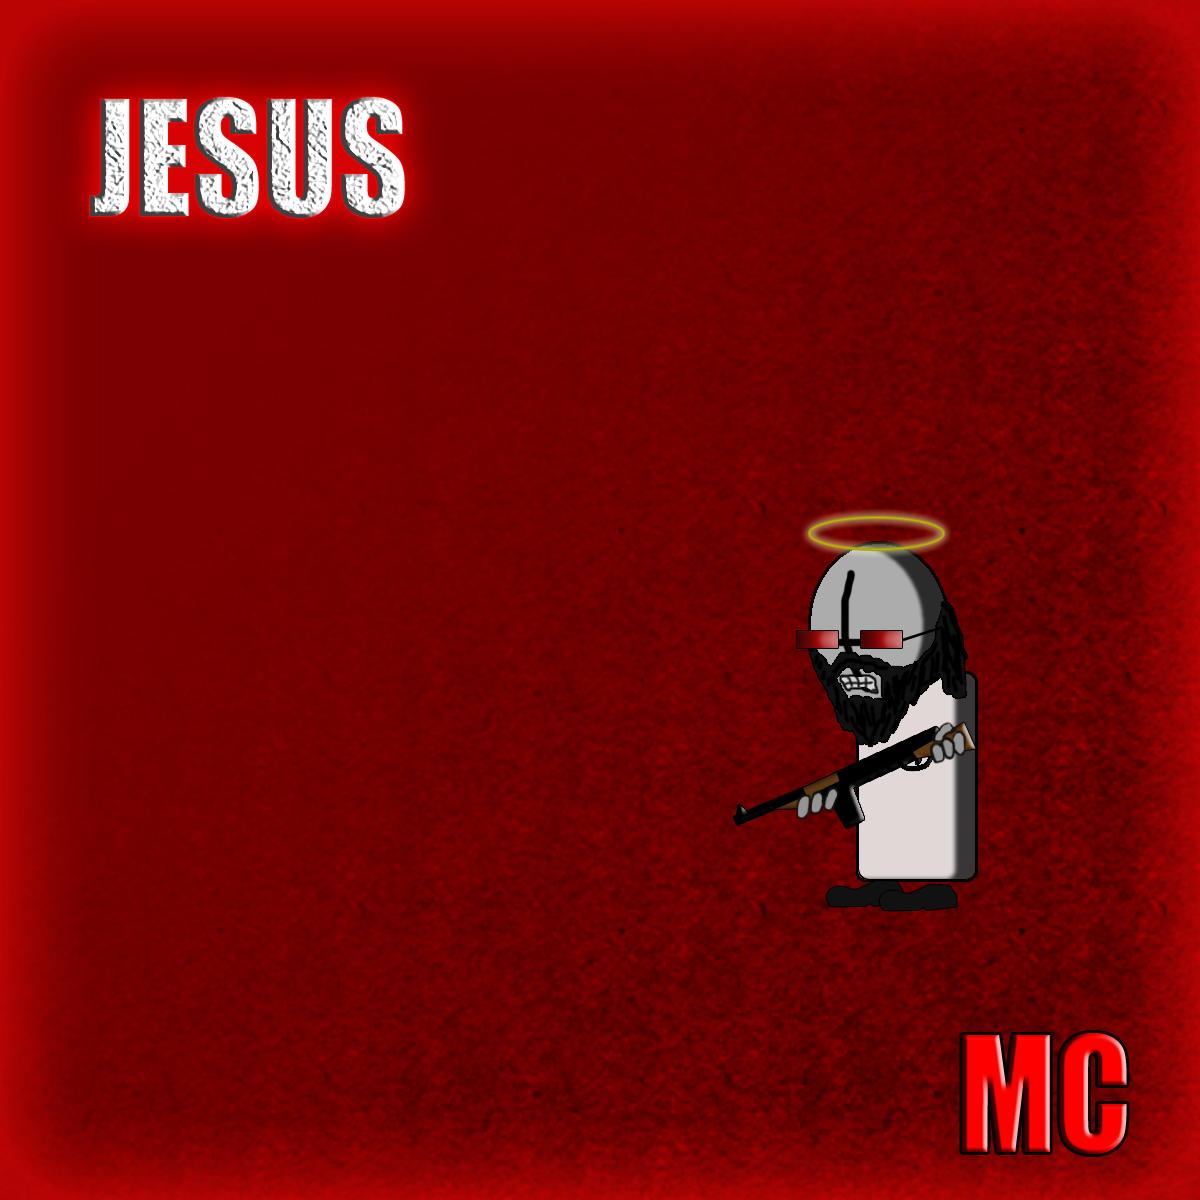 Madness combat Jesus